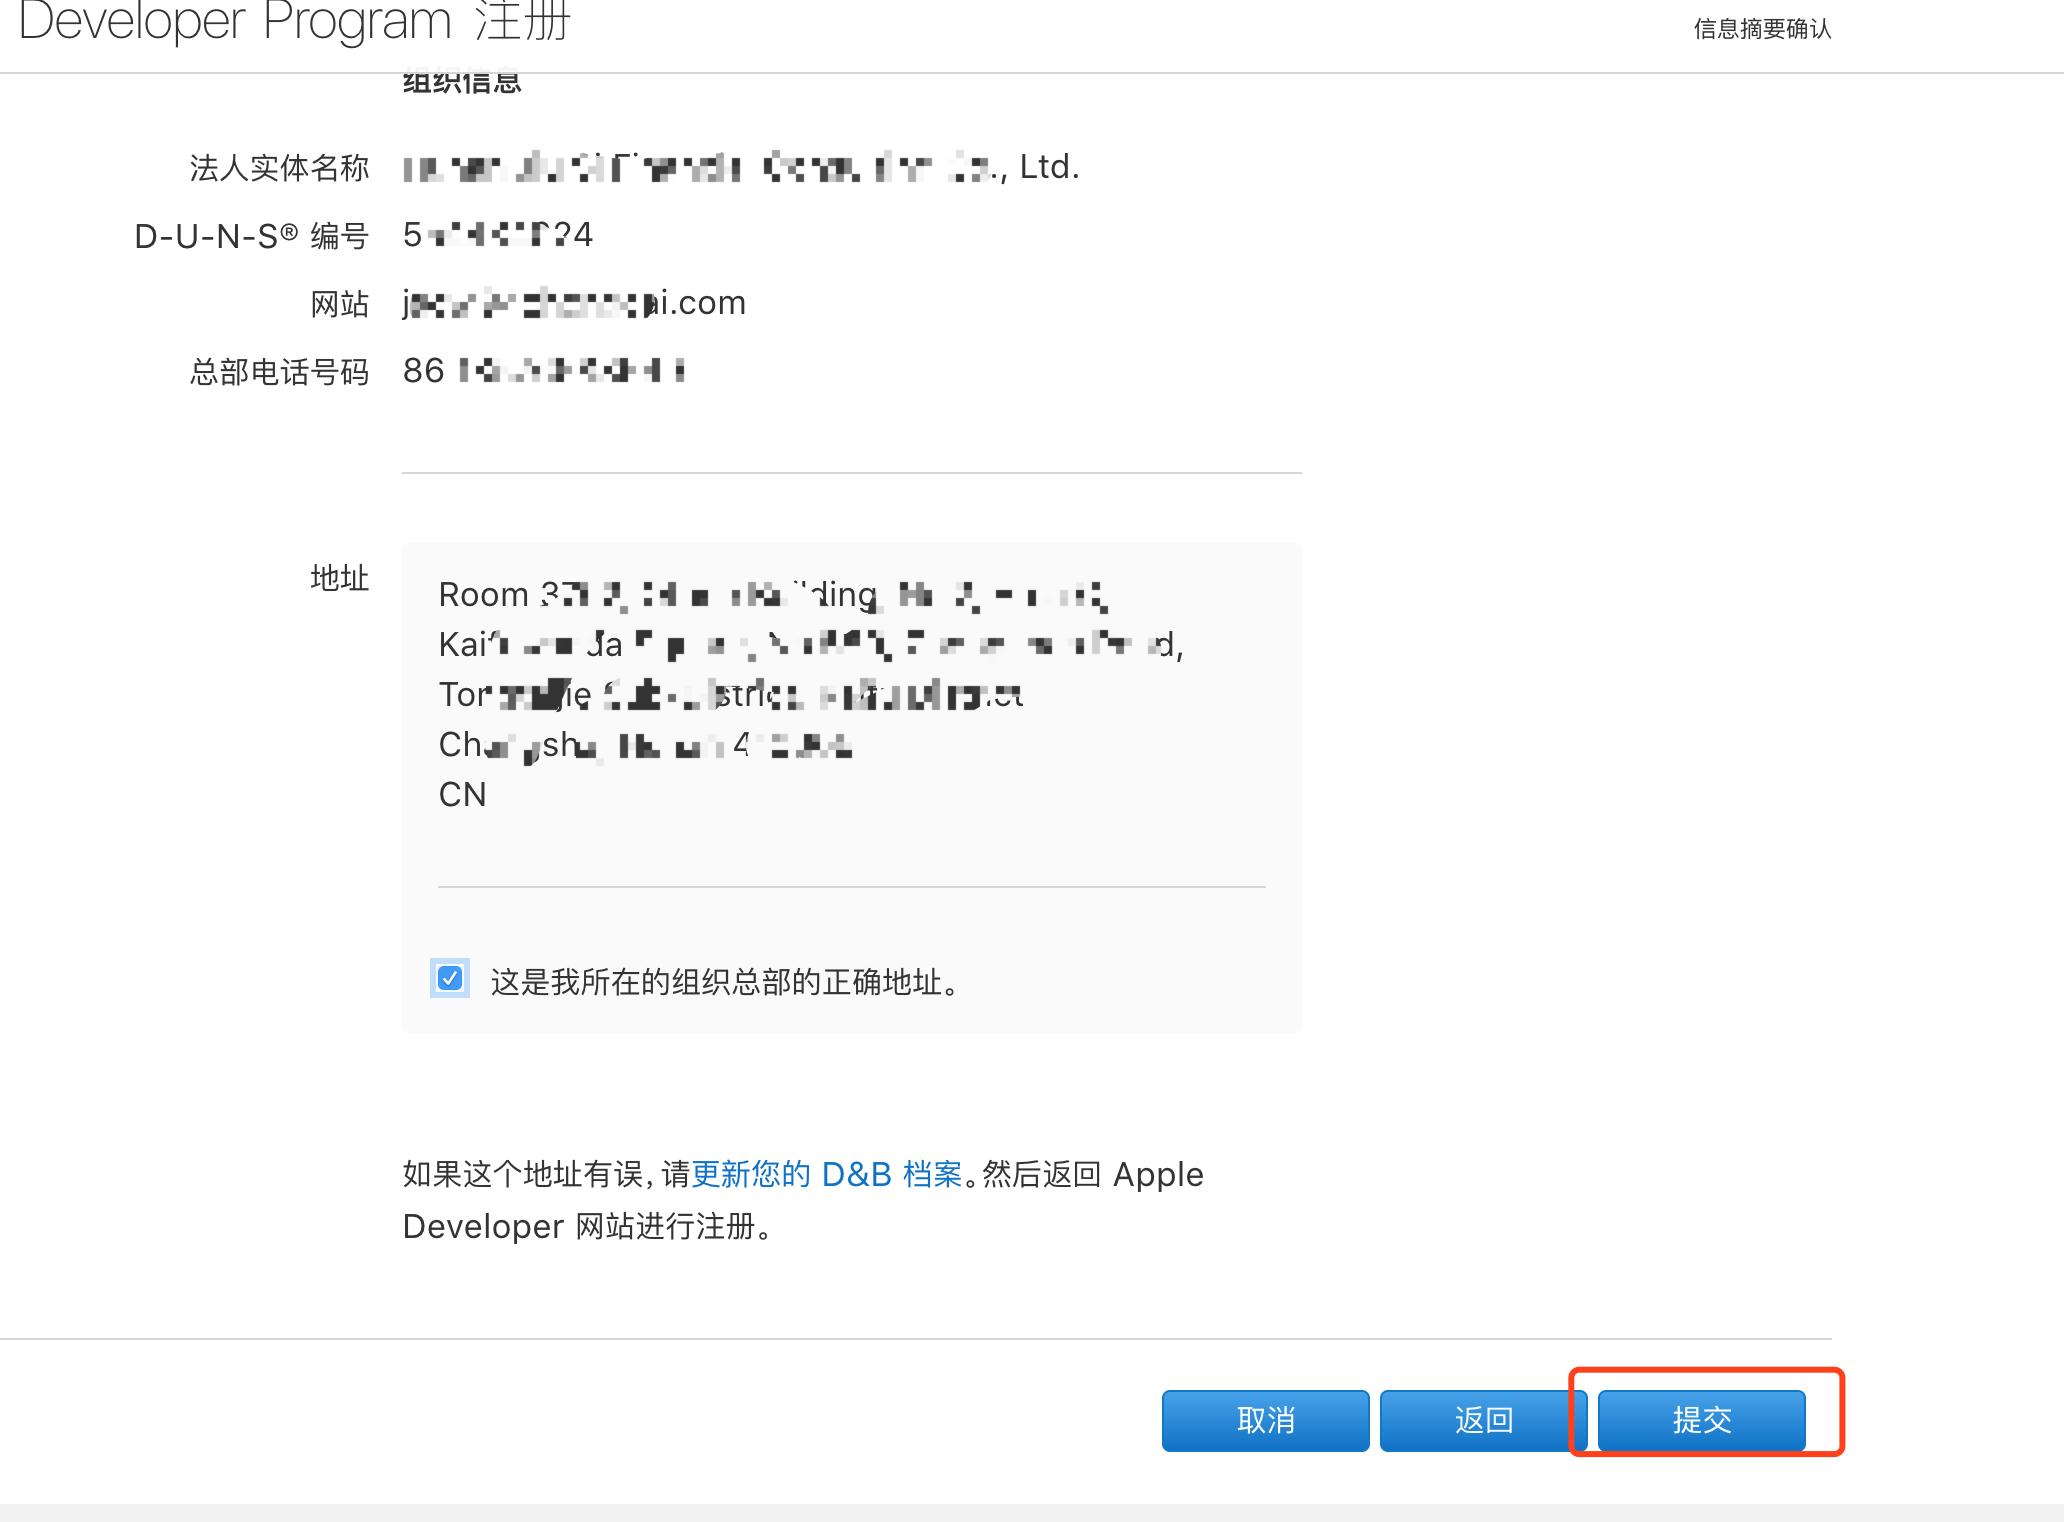 20180813-最新苹果开发者账号公司账号申请、邓白氏申请的详细过程-快速申请苹果公司开发者账号方法(二)